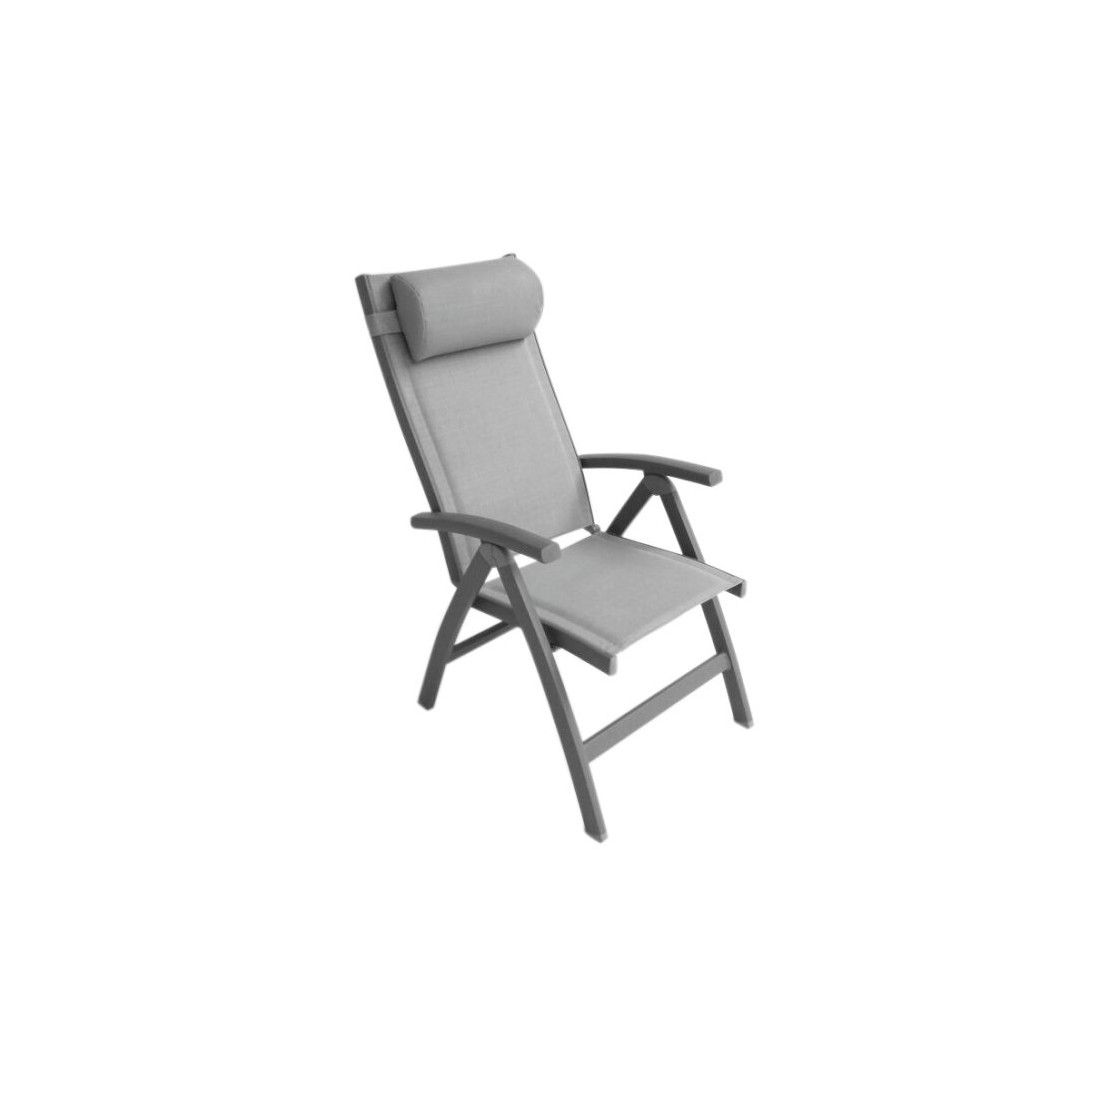 Fauteuil réglable et repose pied en aluminium et textylène